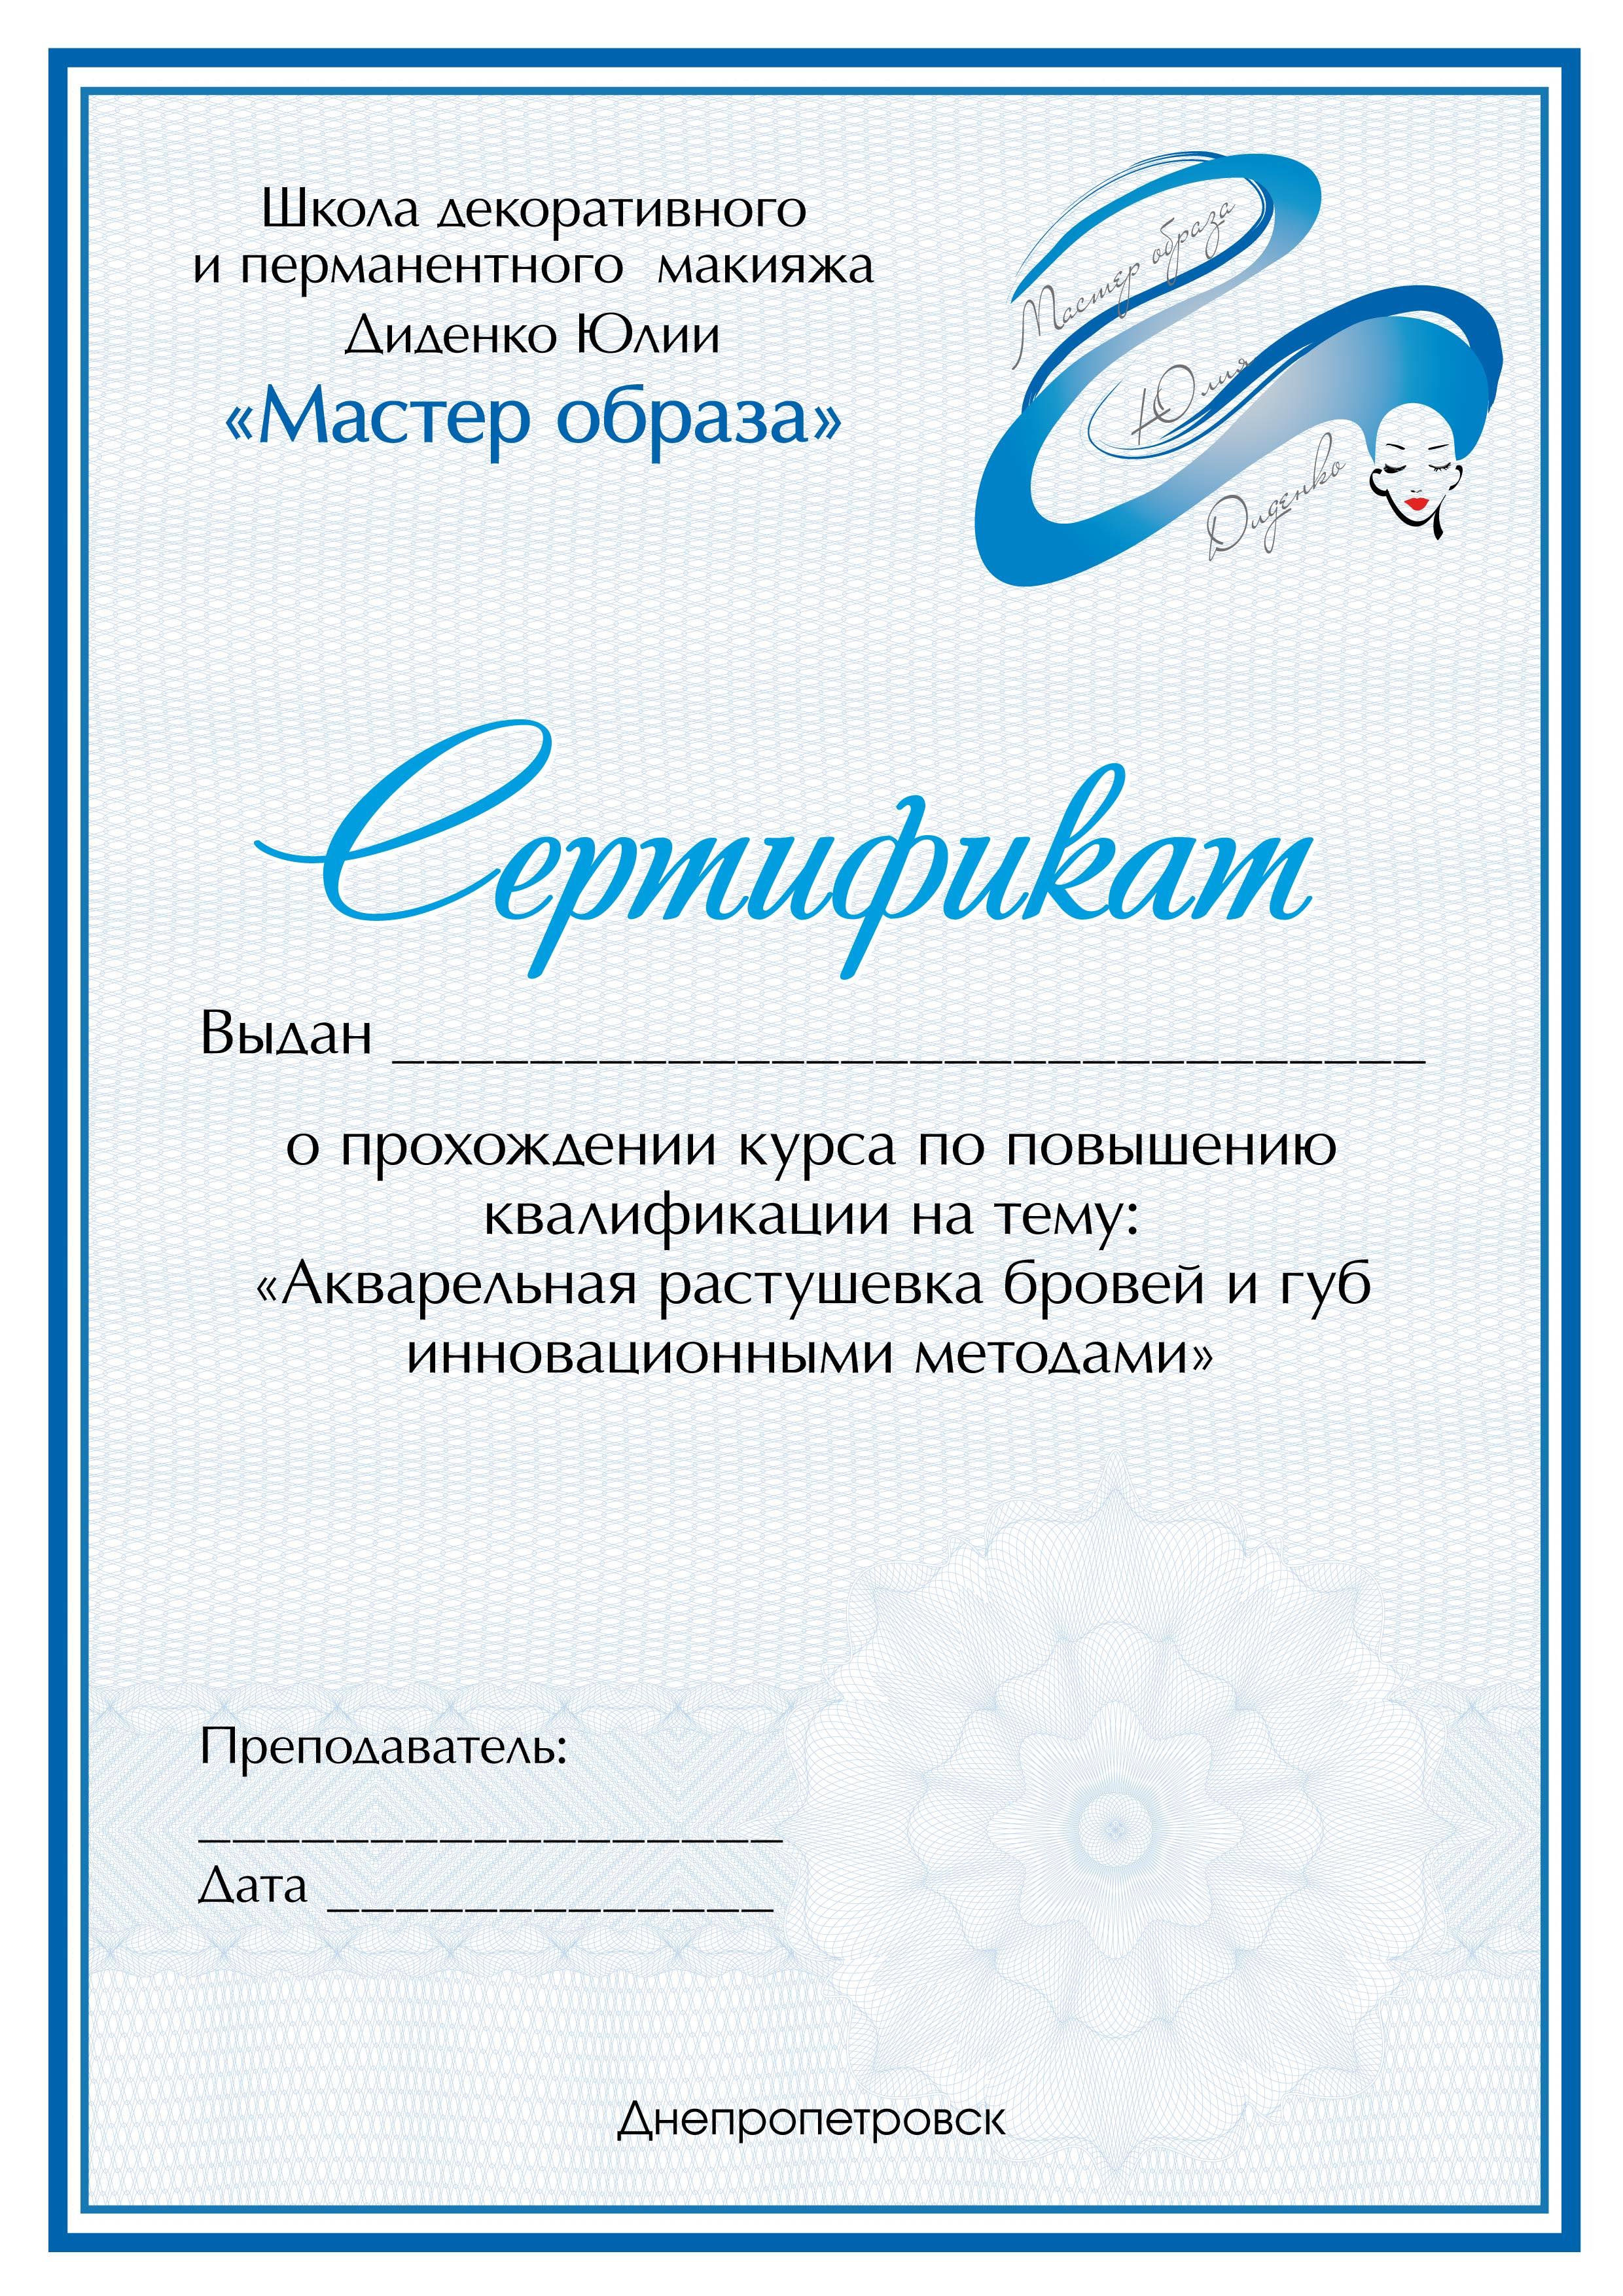 diplom_master_obraza_yuliya_didenko-05